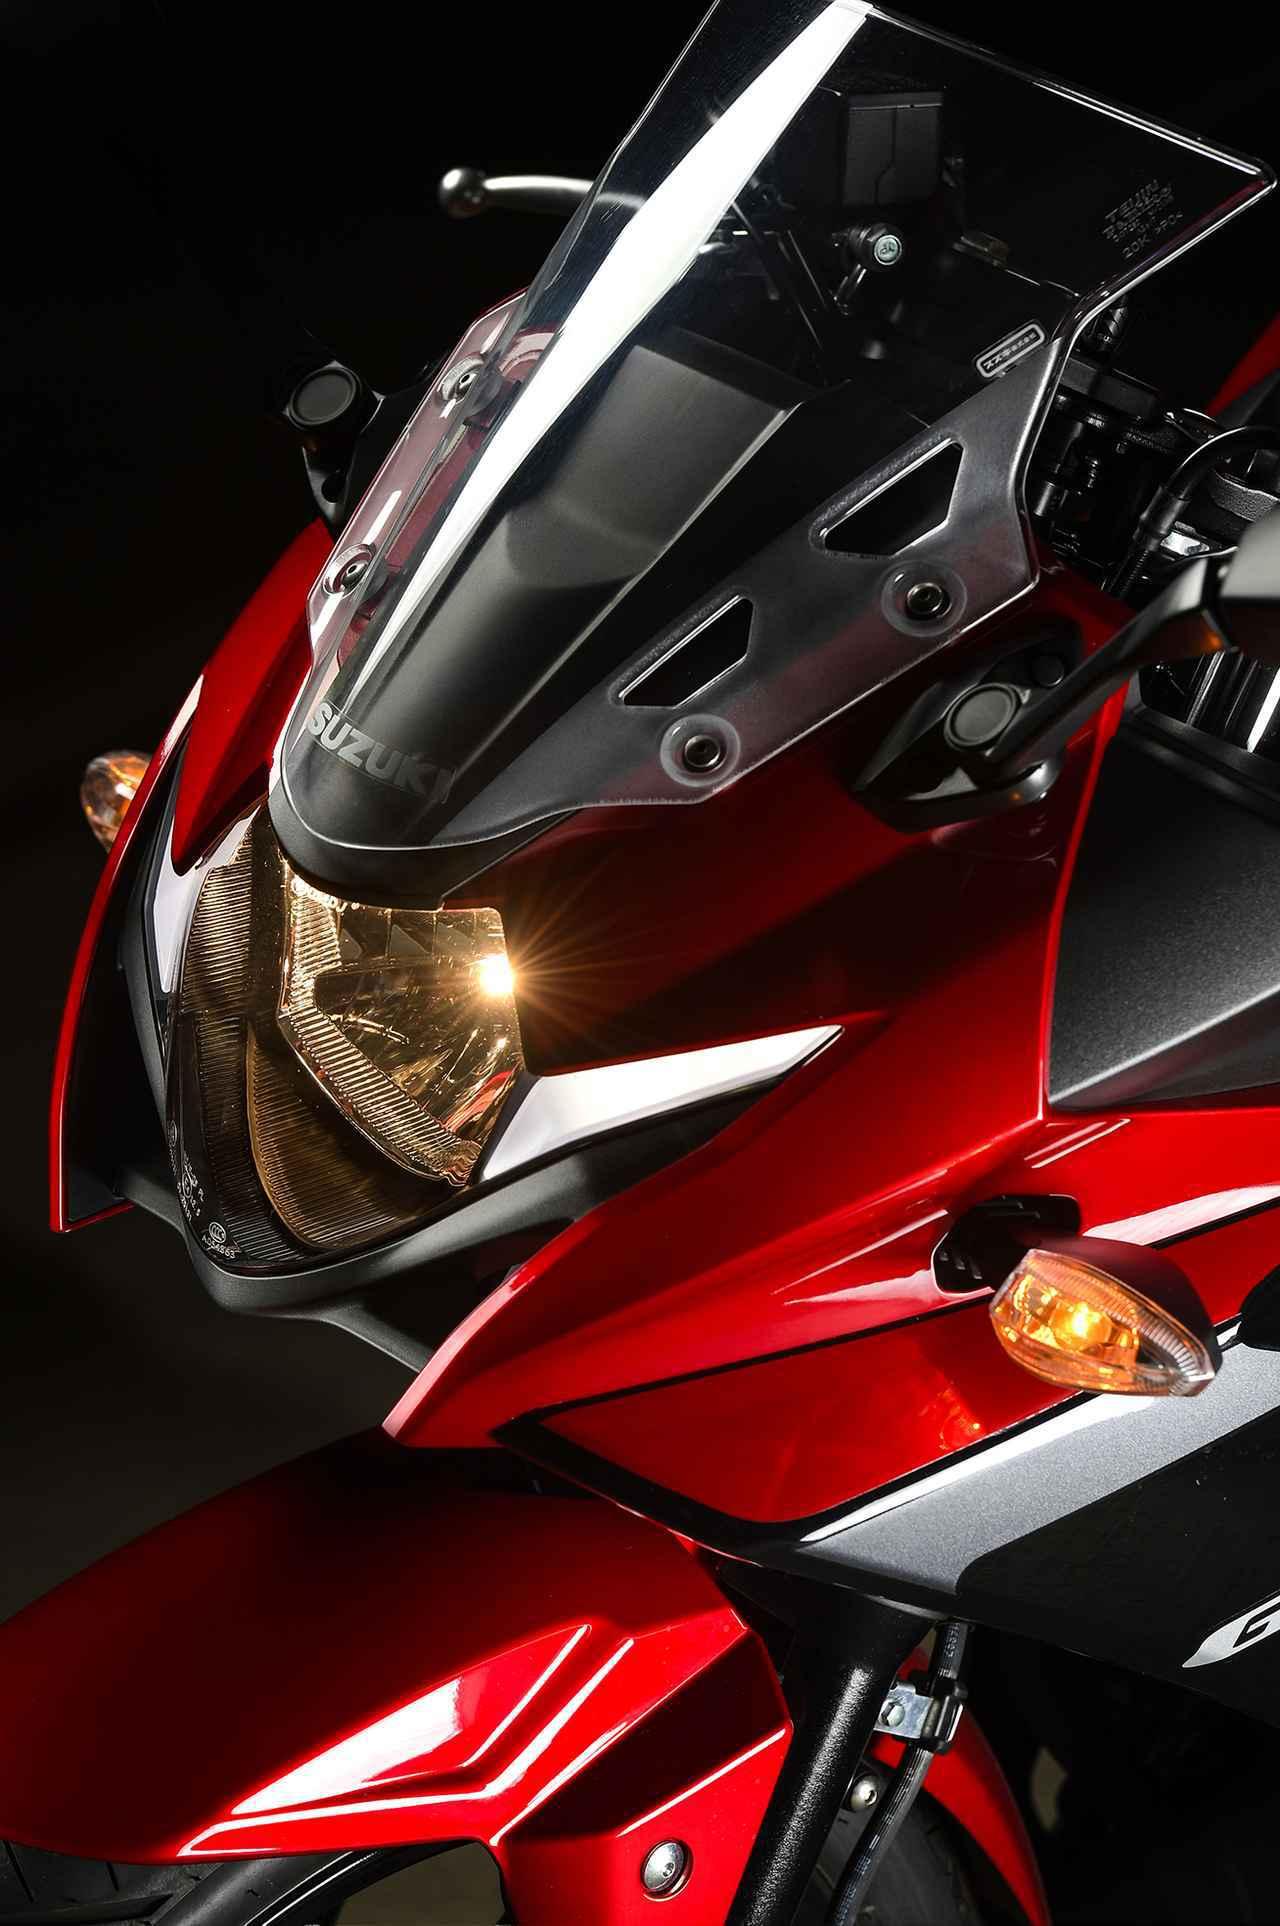 画像1: 【SUZUKI GSX250R乗りの幸せ①~③】数ある250ccのバイクの中からスズキ『GSX250R』を選んで正解!と思う⑨の理由